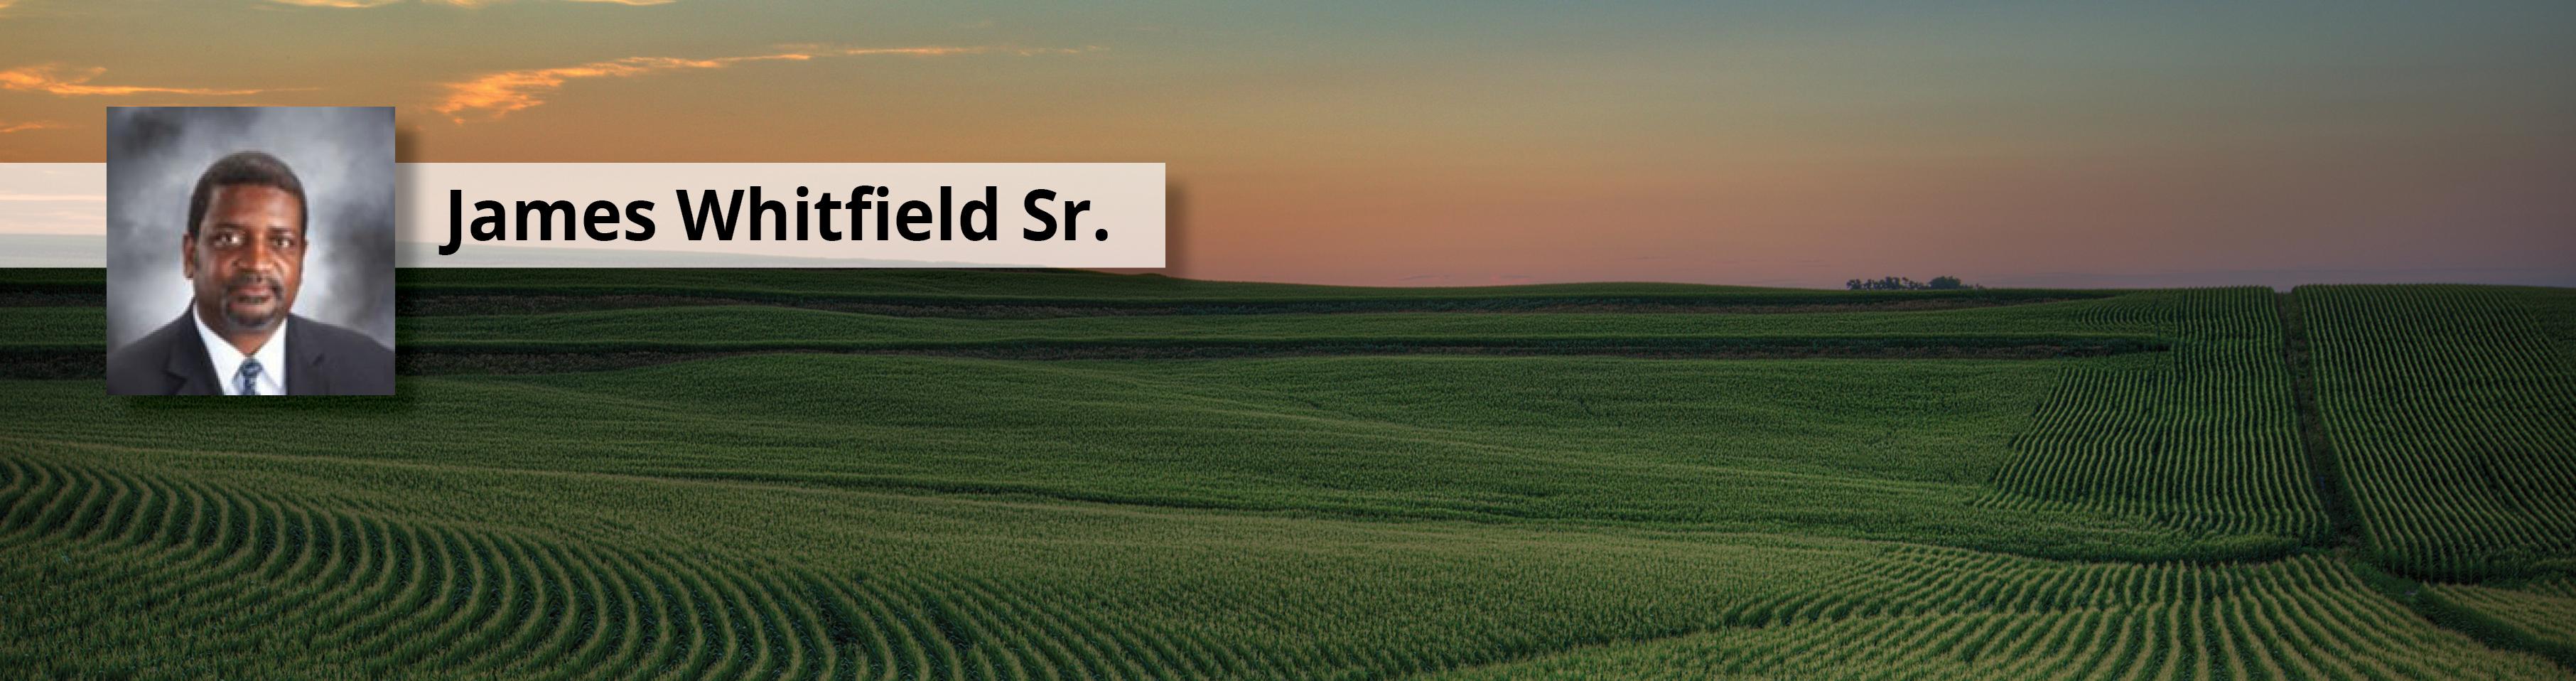 James Whitfield Sr. Photo Banner